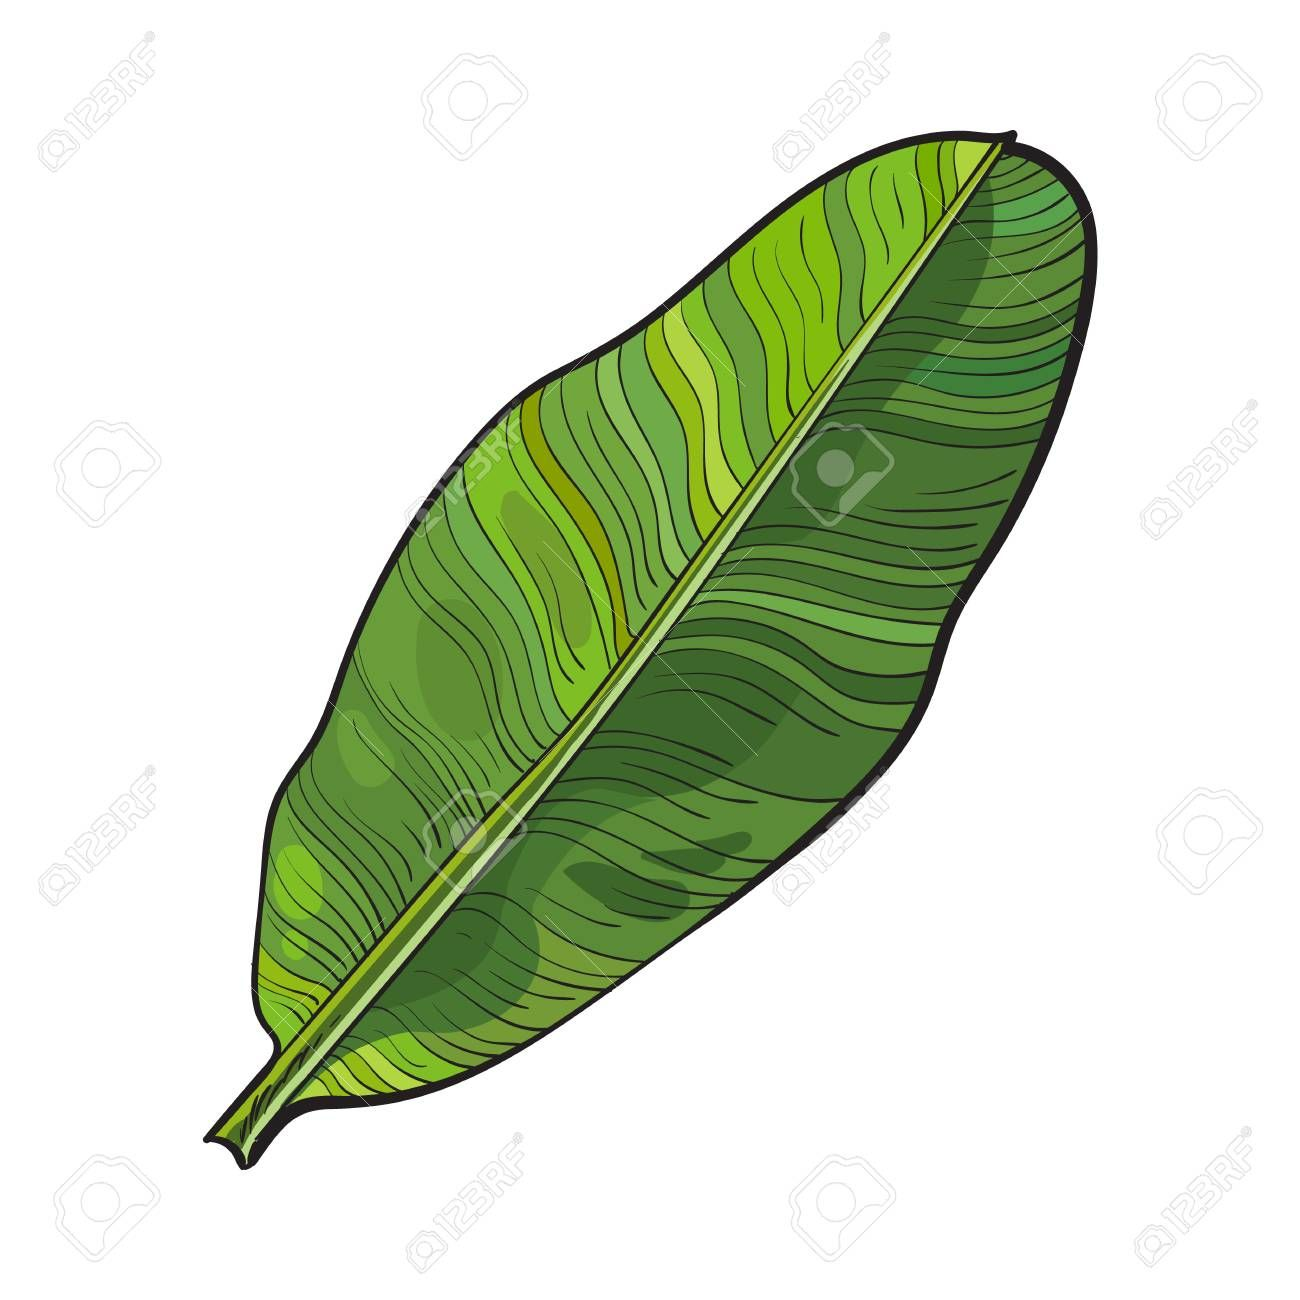 Apprendre Dessiner Plante Avec Feuille De Bananier